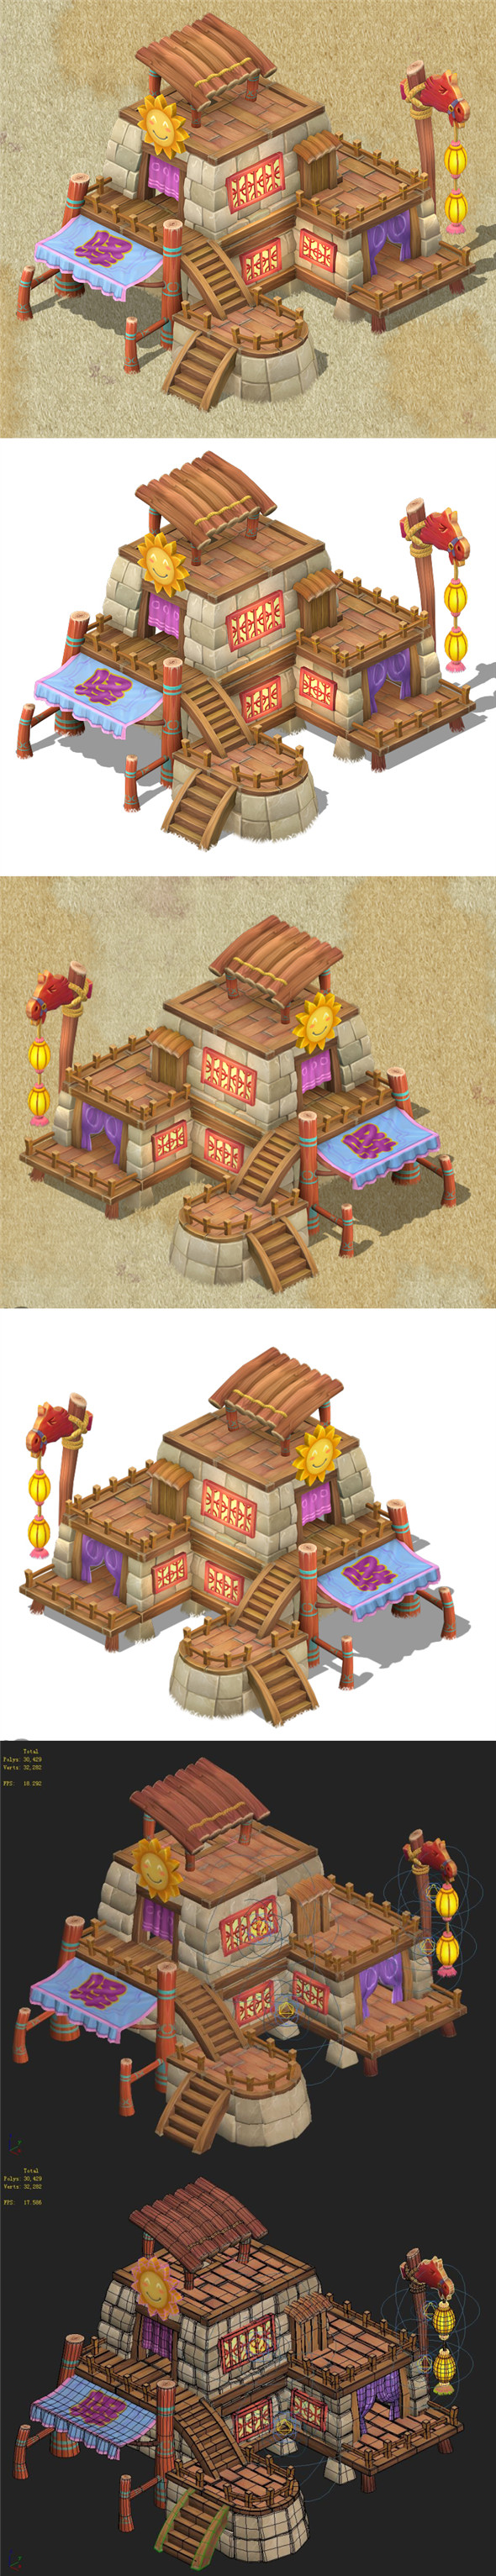 Cartoon Edition - Inn 03 - 3DOcean Item for Sale